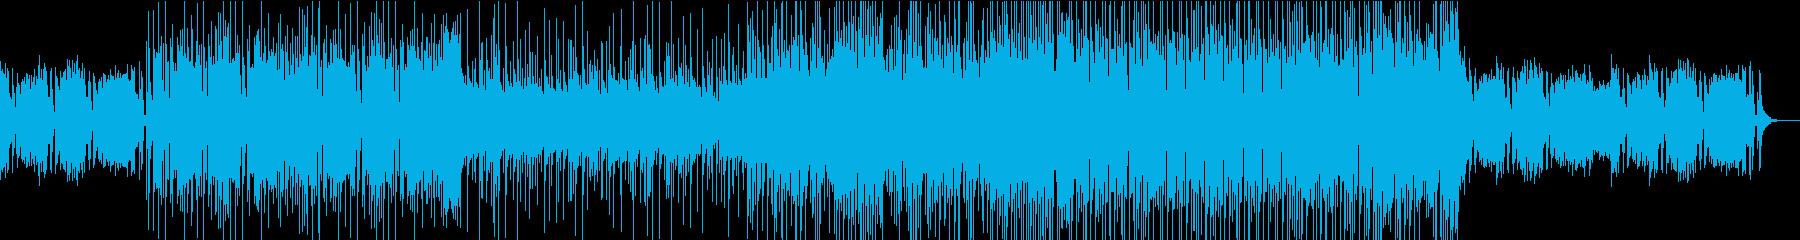 シンプルなピアノロックの再生済みの波形